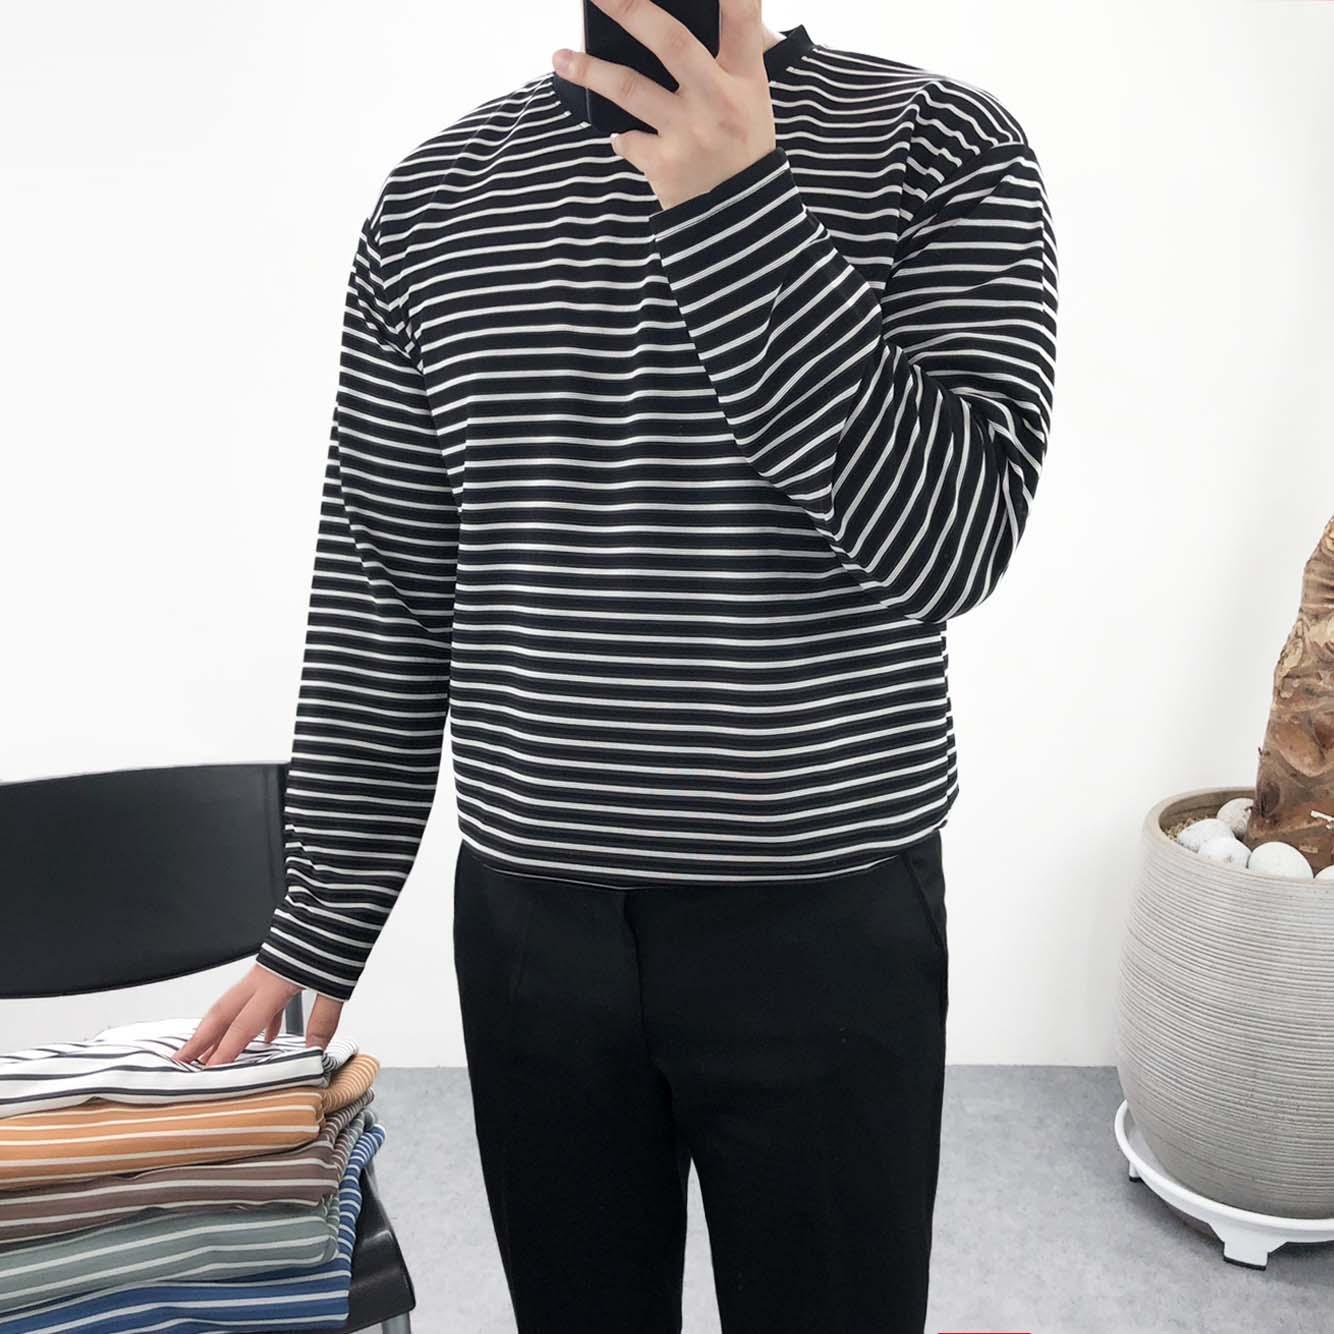 엠클로 남자 오버핏 6컬러 구김방지 링클프리 분또 스판 스트라이프 라운드 긴팔티셔츠 긴팔 티셔츠